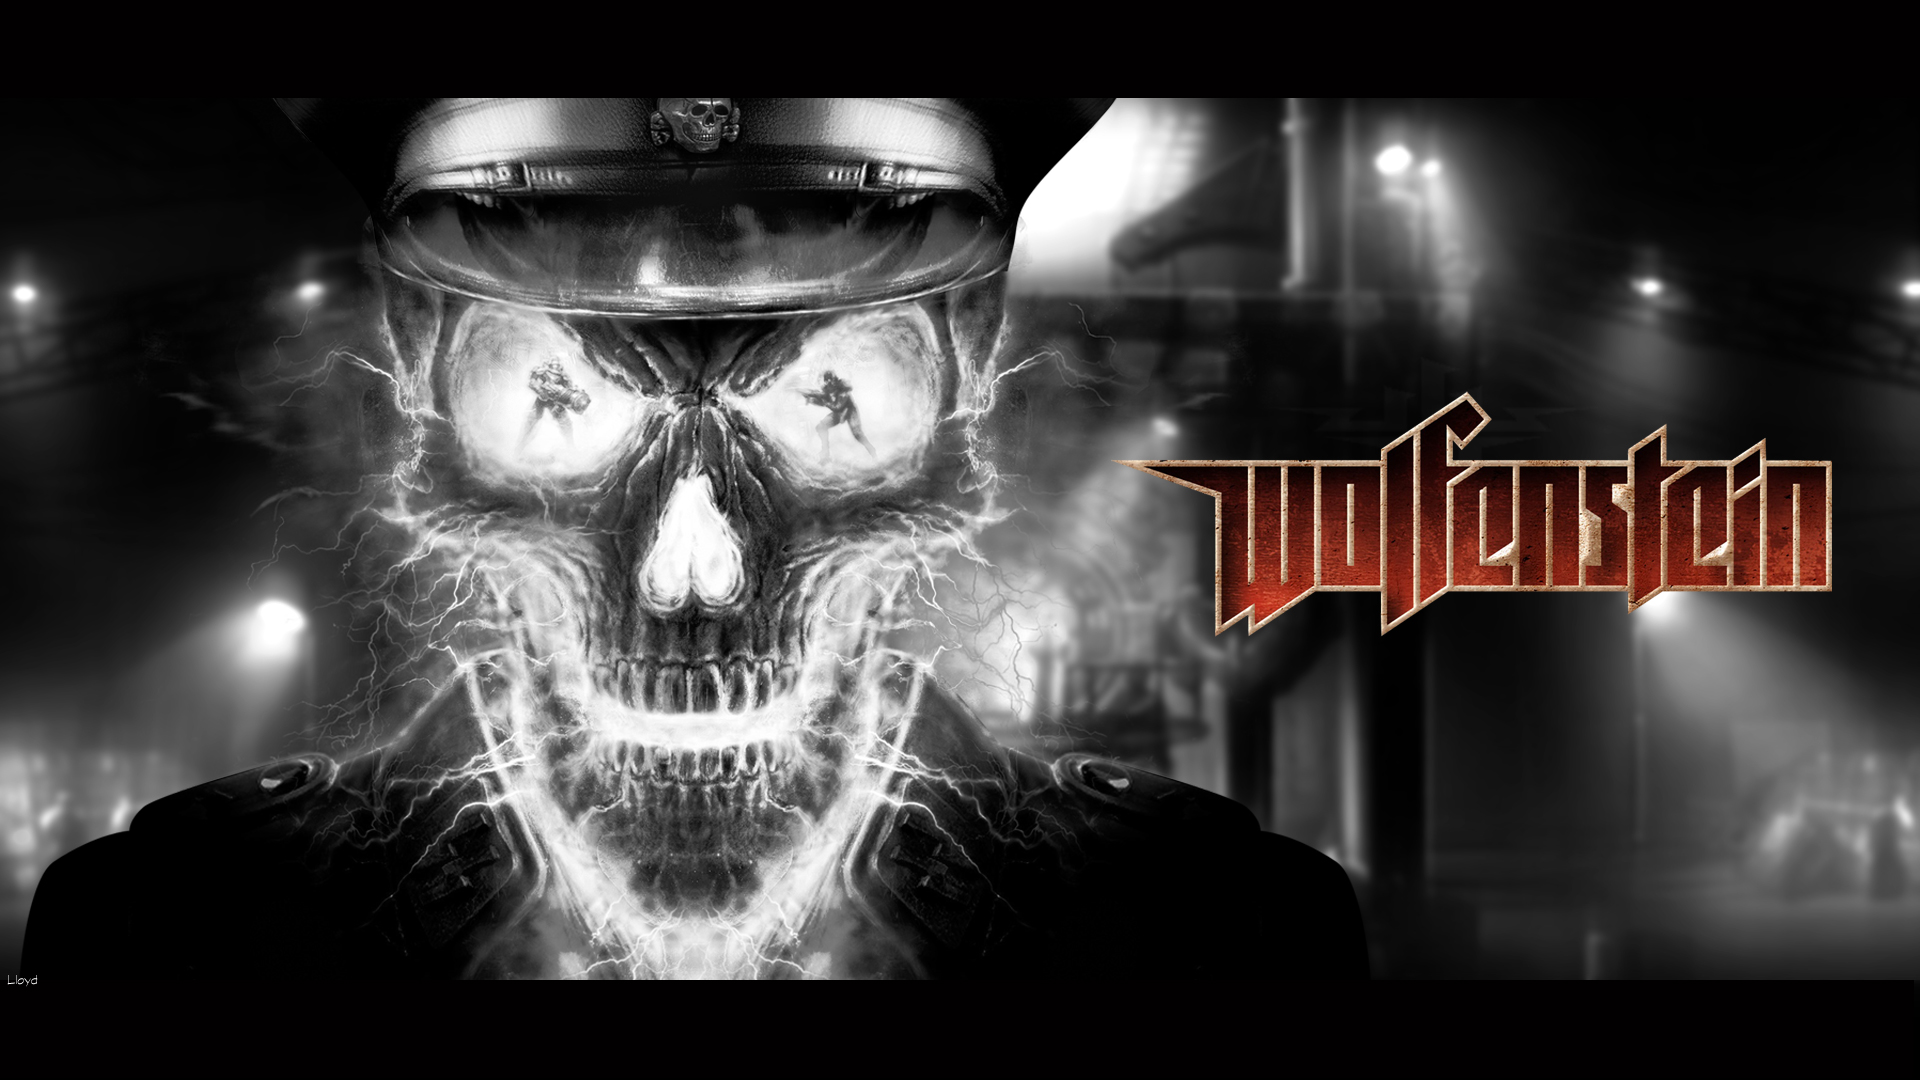 Wolfenstein Wallpaper by igotgame1075